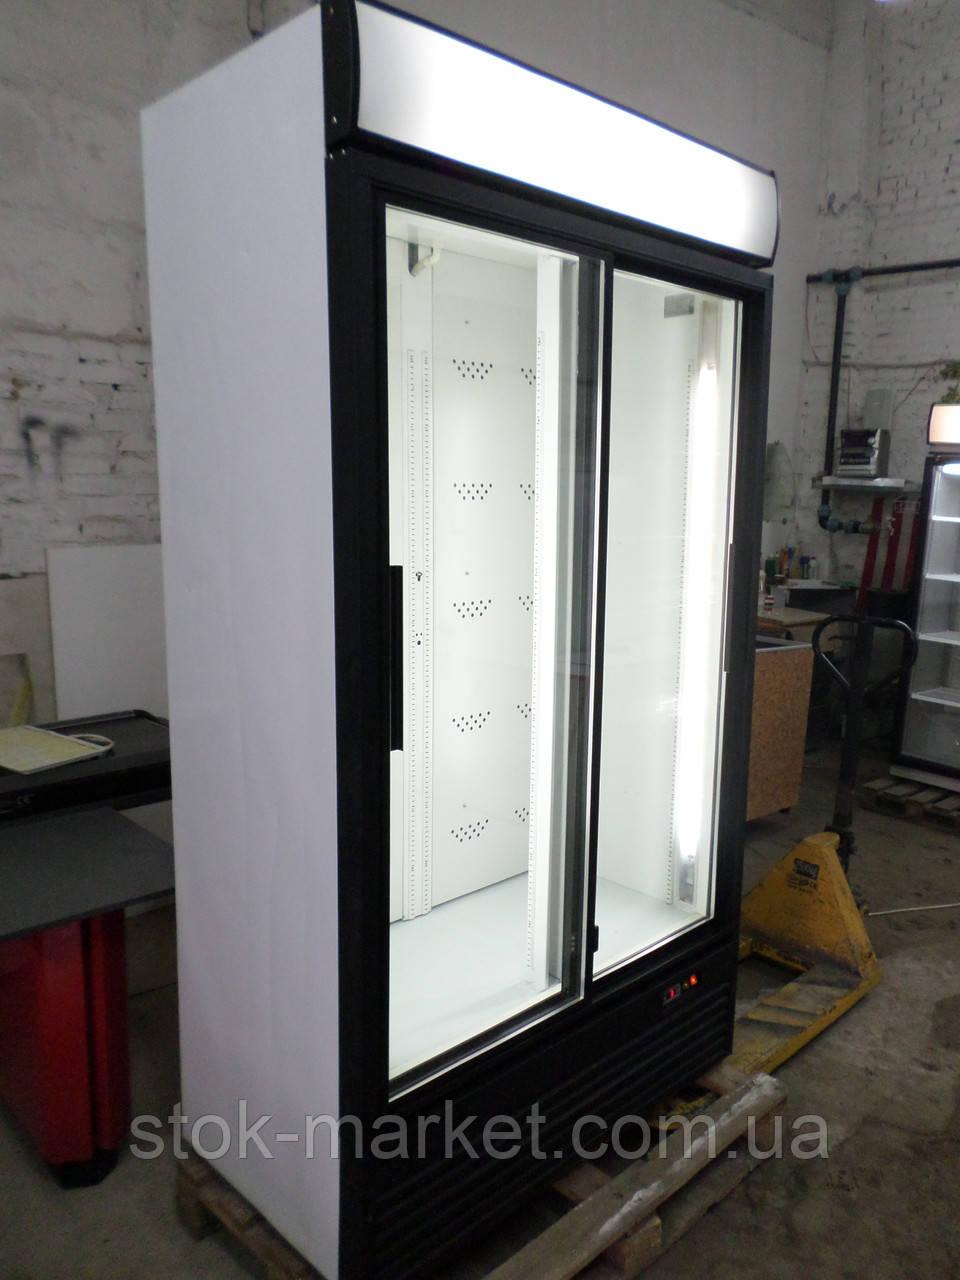 Холодильный шкаф Ugur uss 980 dtkl б/у, холодильный шкаф б.у, шкаф холодильный б у, холодильник б у, холодильн